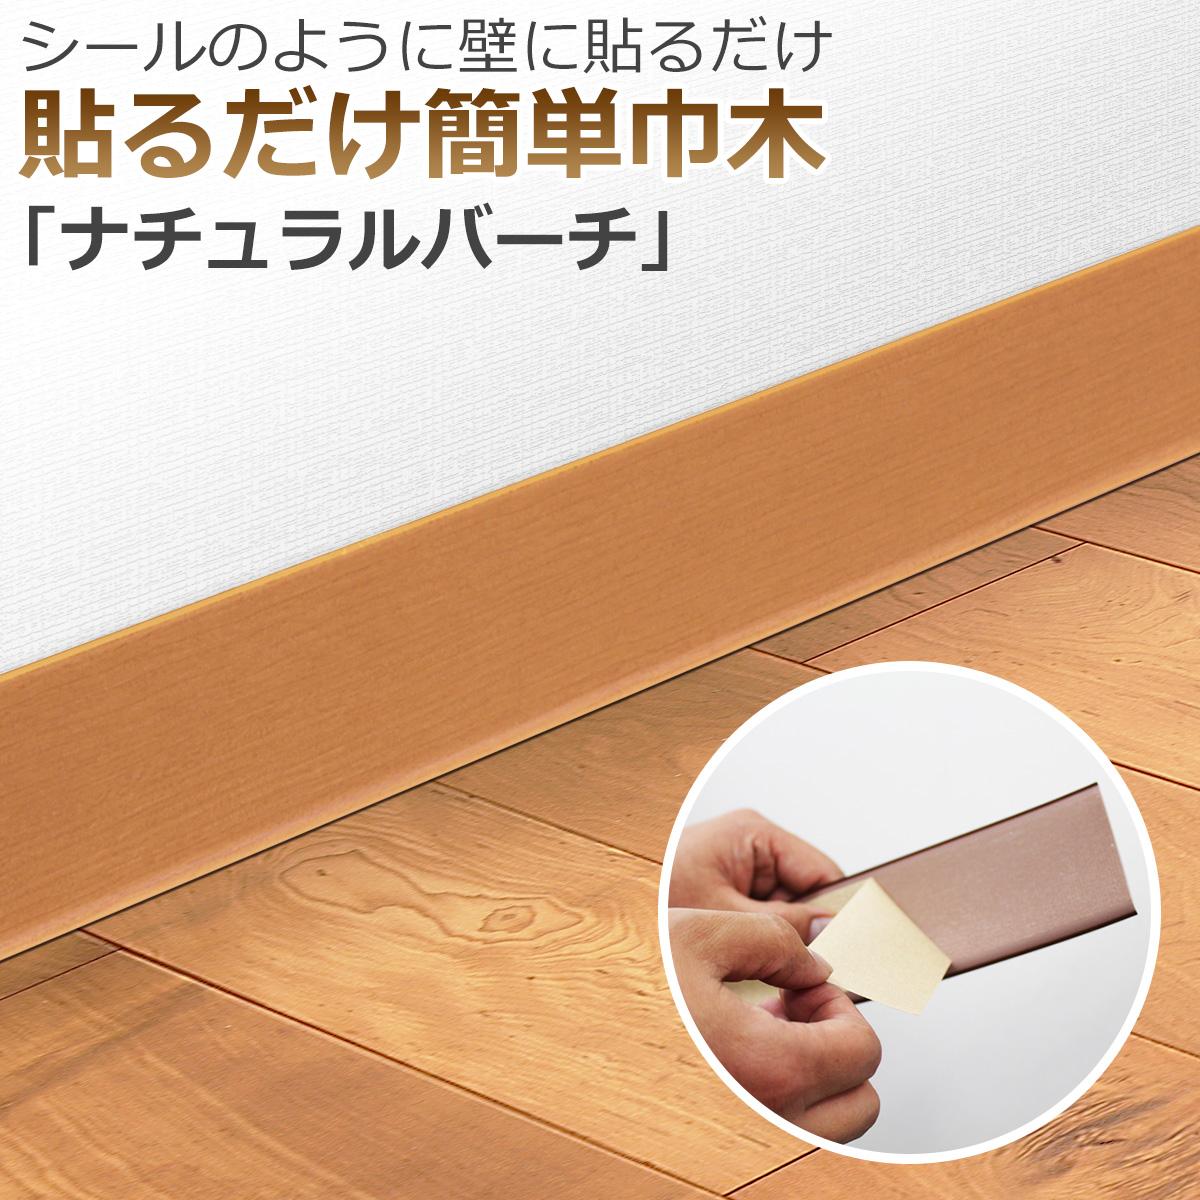 シールのように壁に貼るだけ 貼るだけ簡単巾木「ナチュラルバーチ」